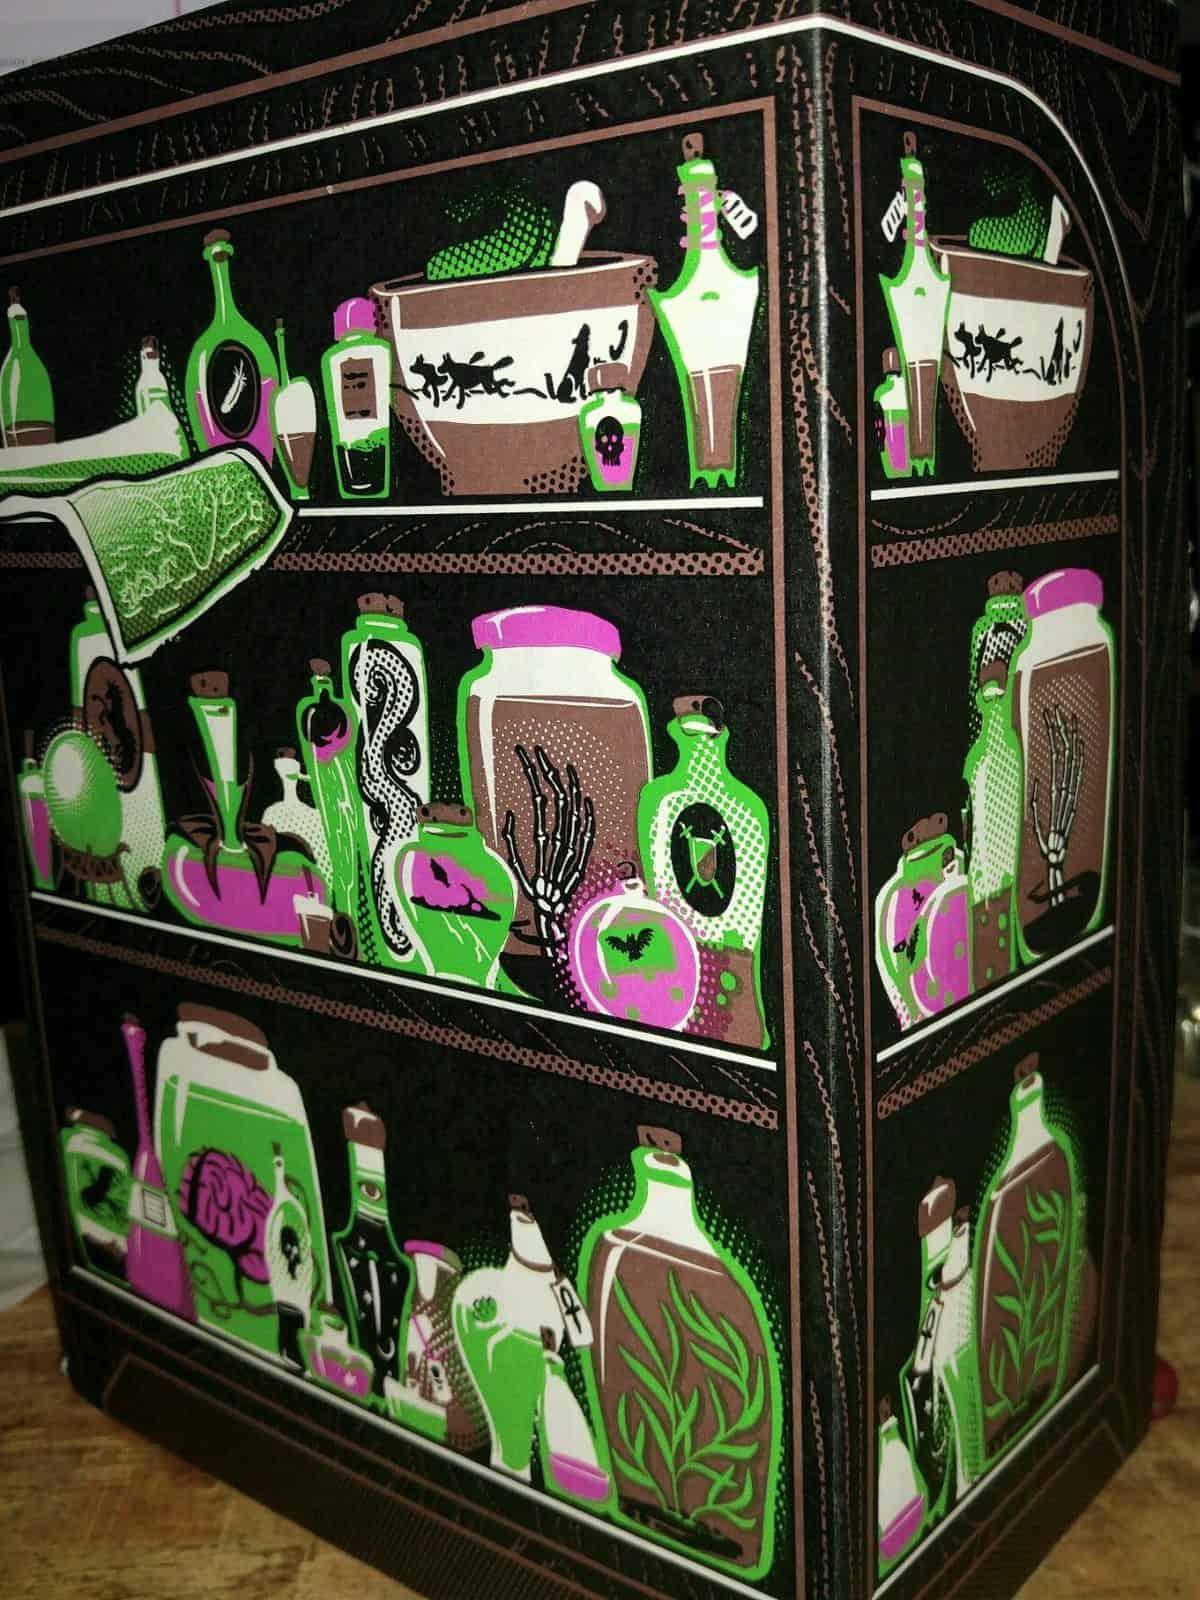 November 2016 Loot Crate Review - Magical Crate - Box